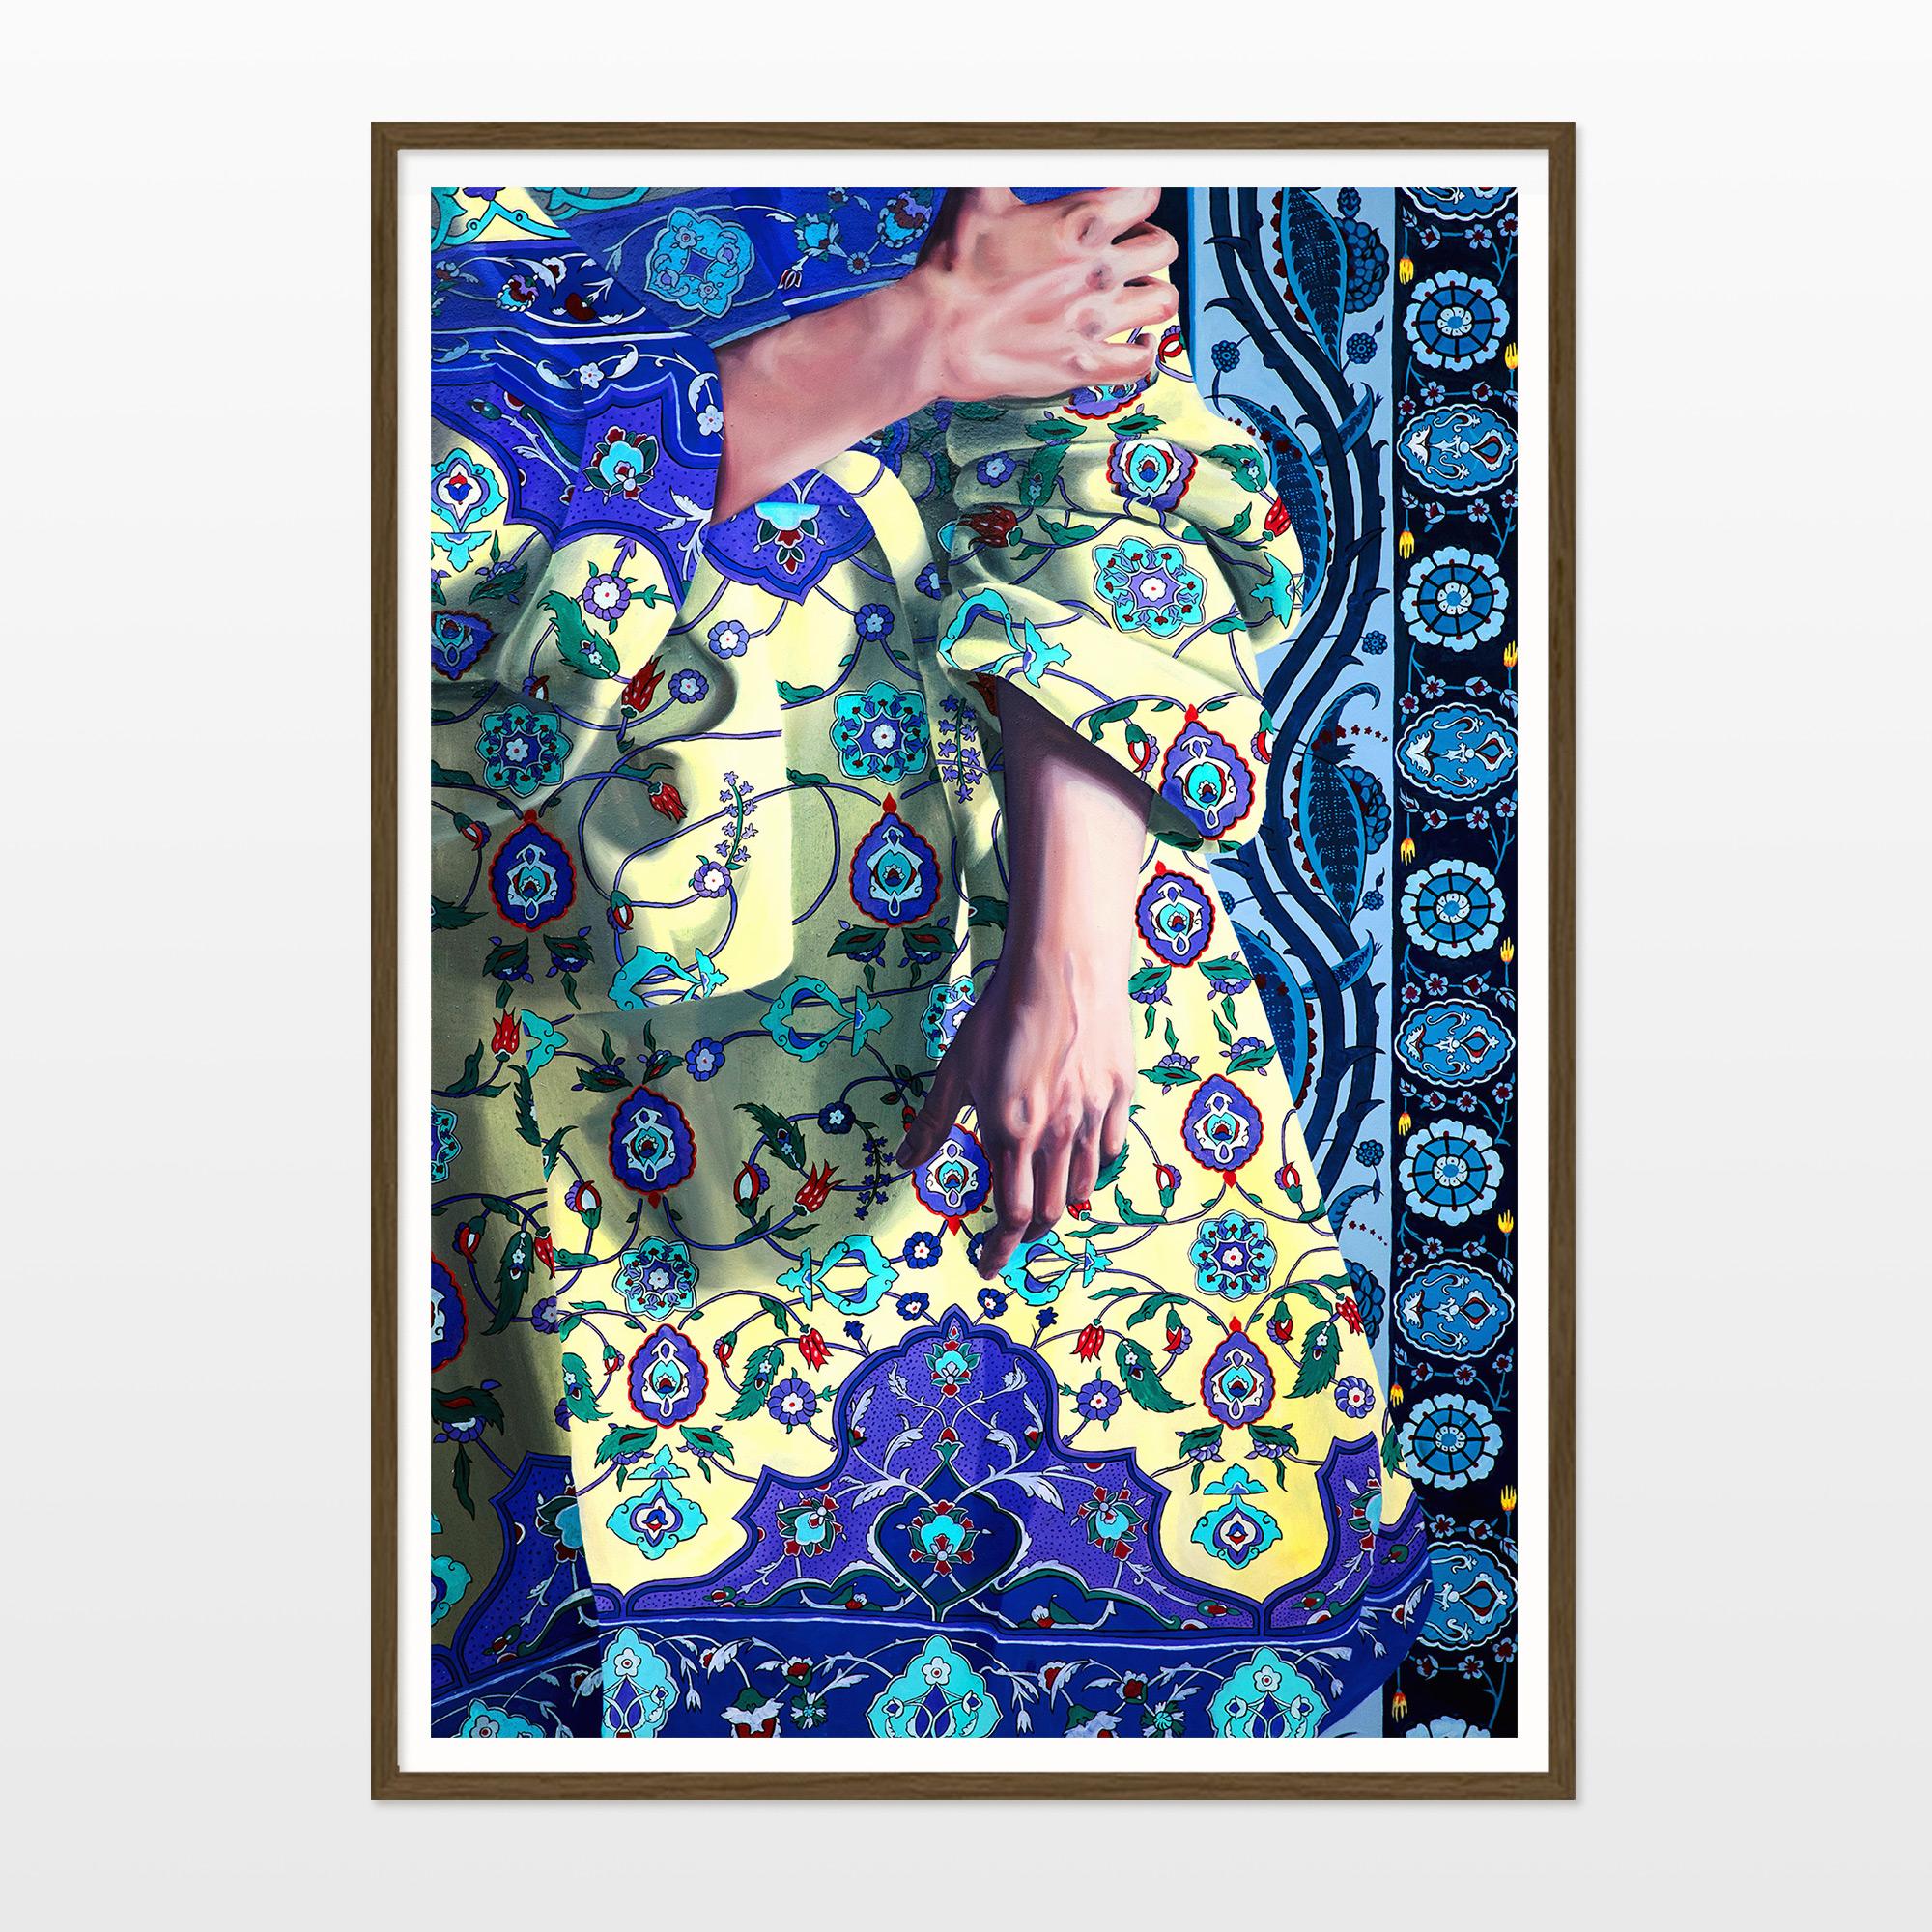 plakater-posters-kunsttryk, giclee-tryk, æstetiske, figurative, portræt, kroppe, botanik, mønstre, blå, gule, blæk, papir, arkitektoniske, samtidskunst, dansk, kvindelig, interiør, bolig-indretning, moderne, moderne-kunst, nordisk, planter, plakater, realisme, romantiske, skandinavisk, former, kvinder, Køb original kunst og kunstplakater. Malerier, tegninger, limited edition kunsttryk & plakater af dygtige kunstnere.